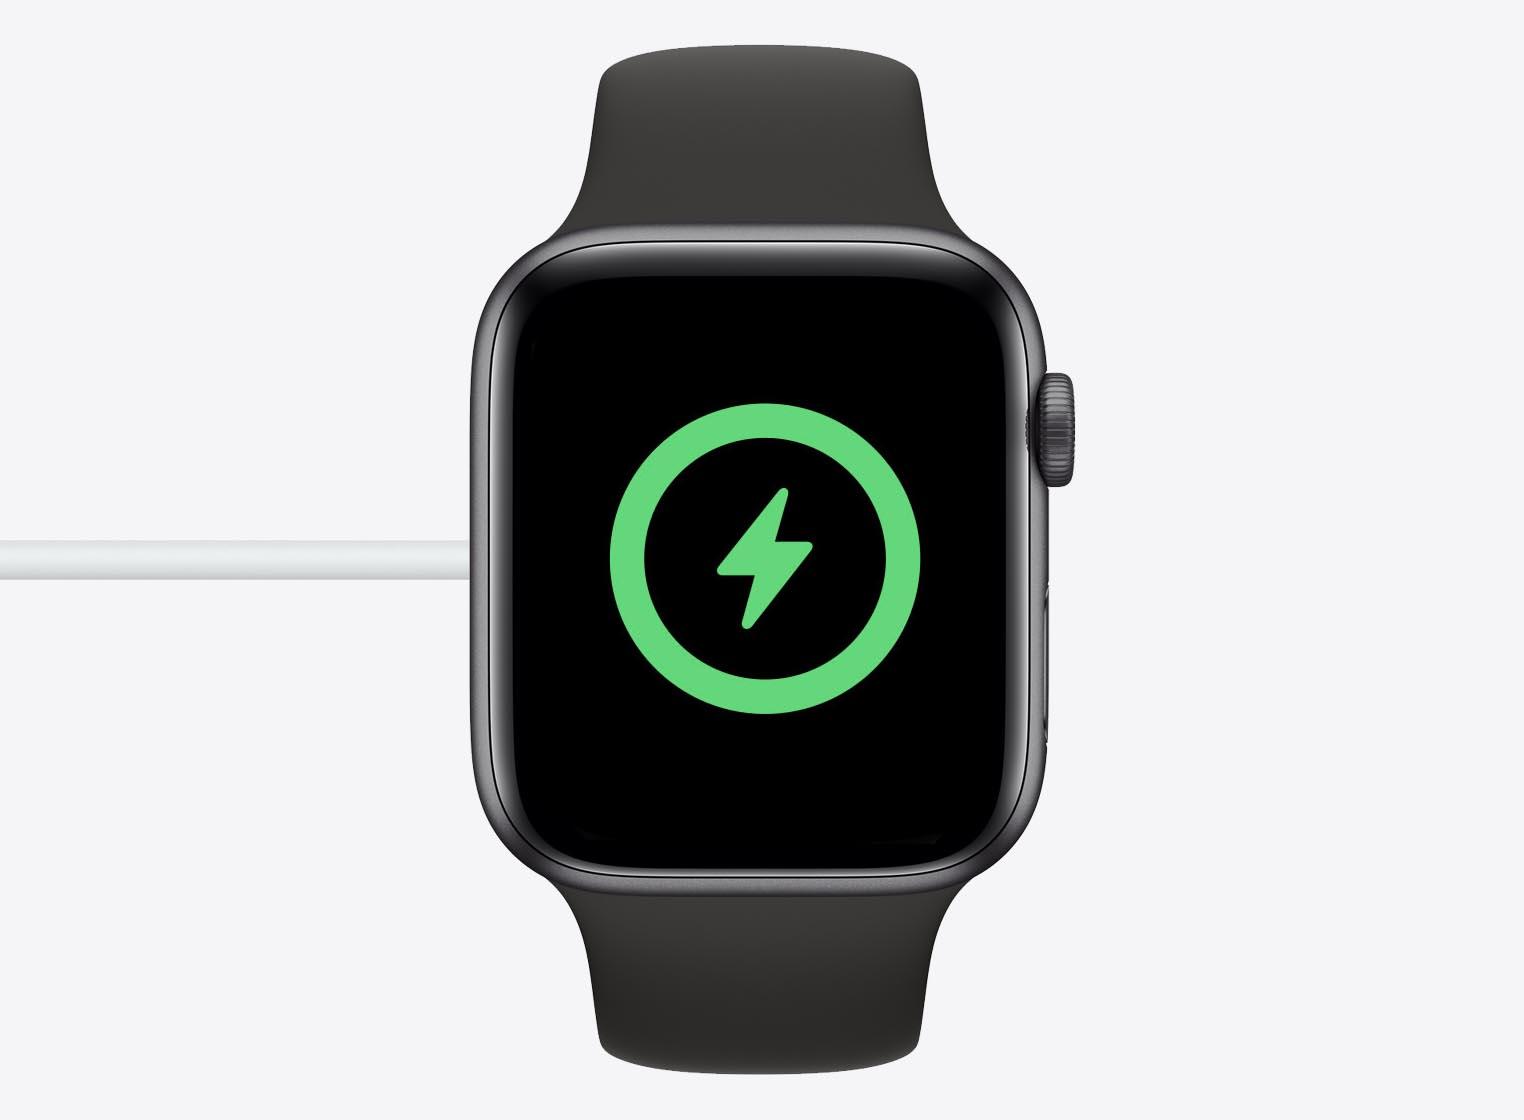 Apple Watch SE chargeur USB-C